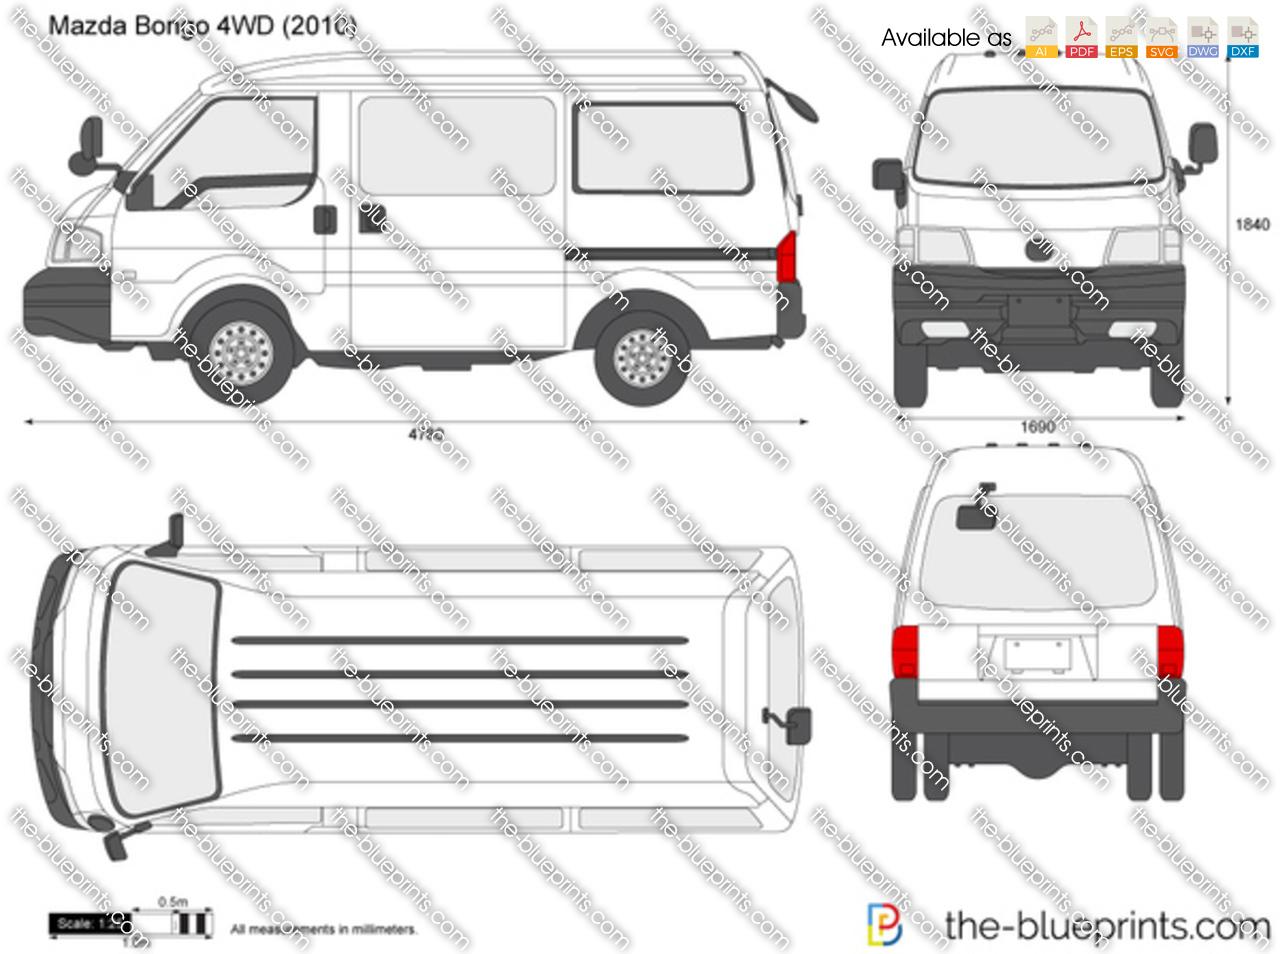 Mazda Bongo 4WD 2011